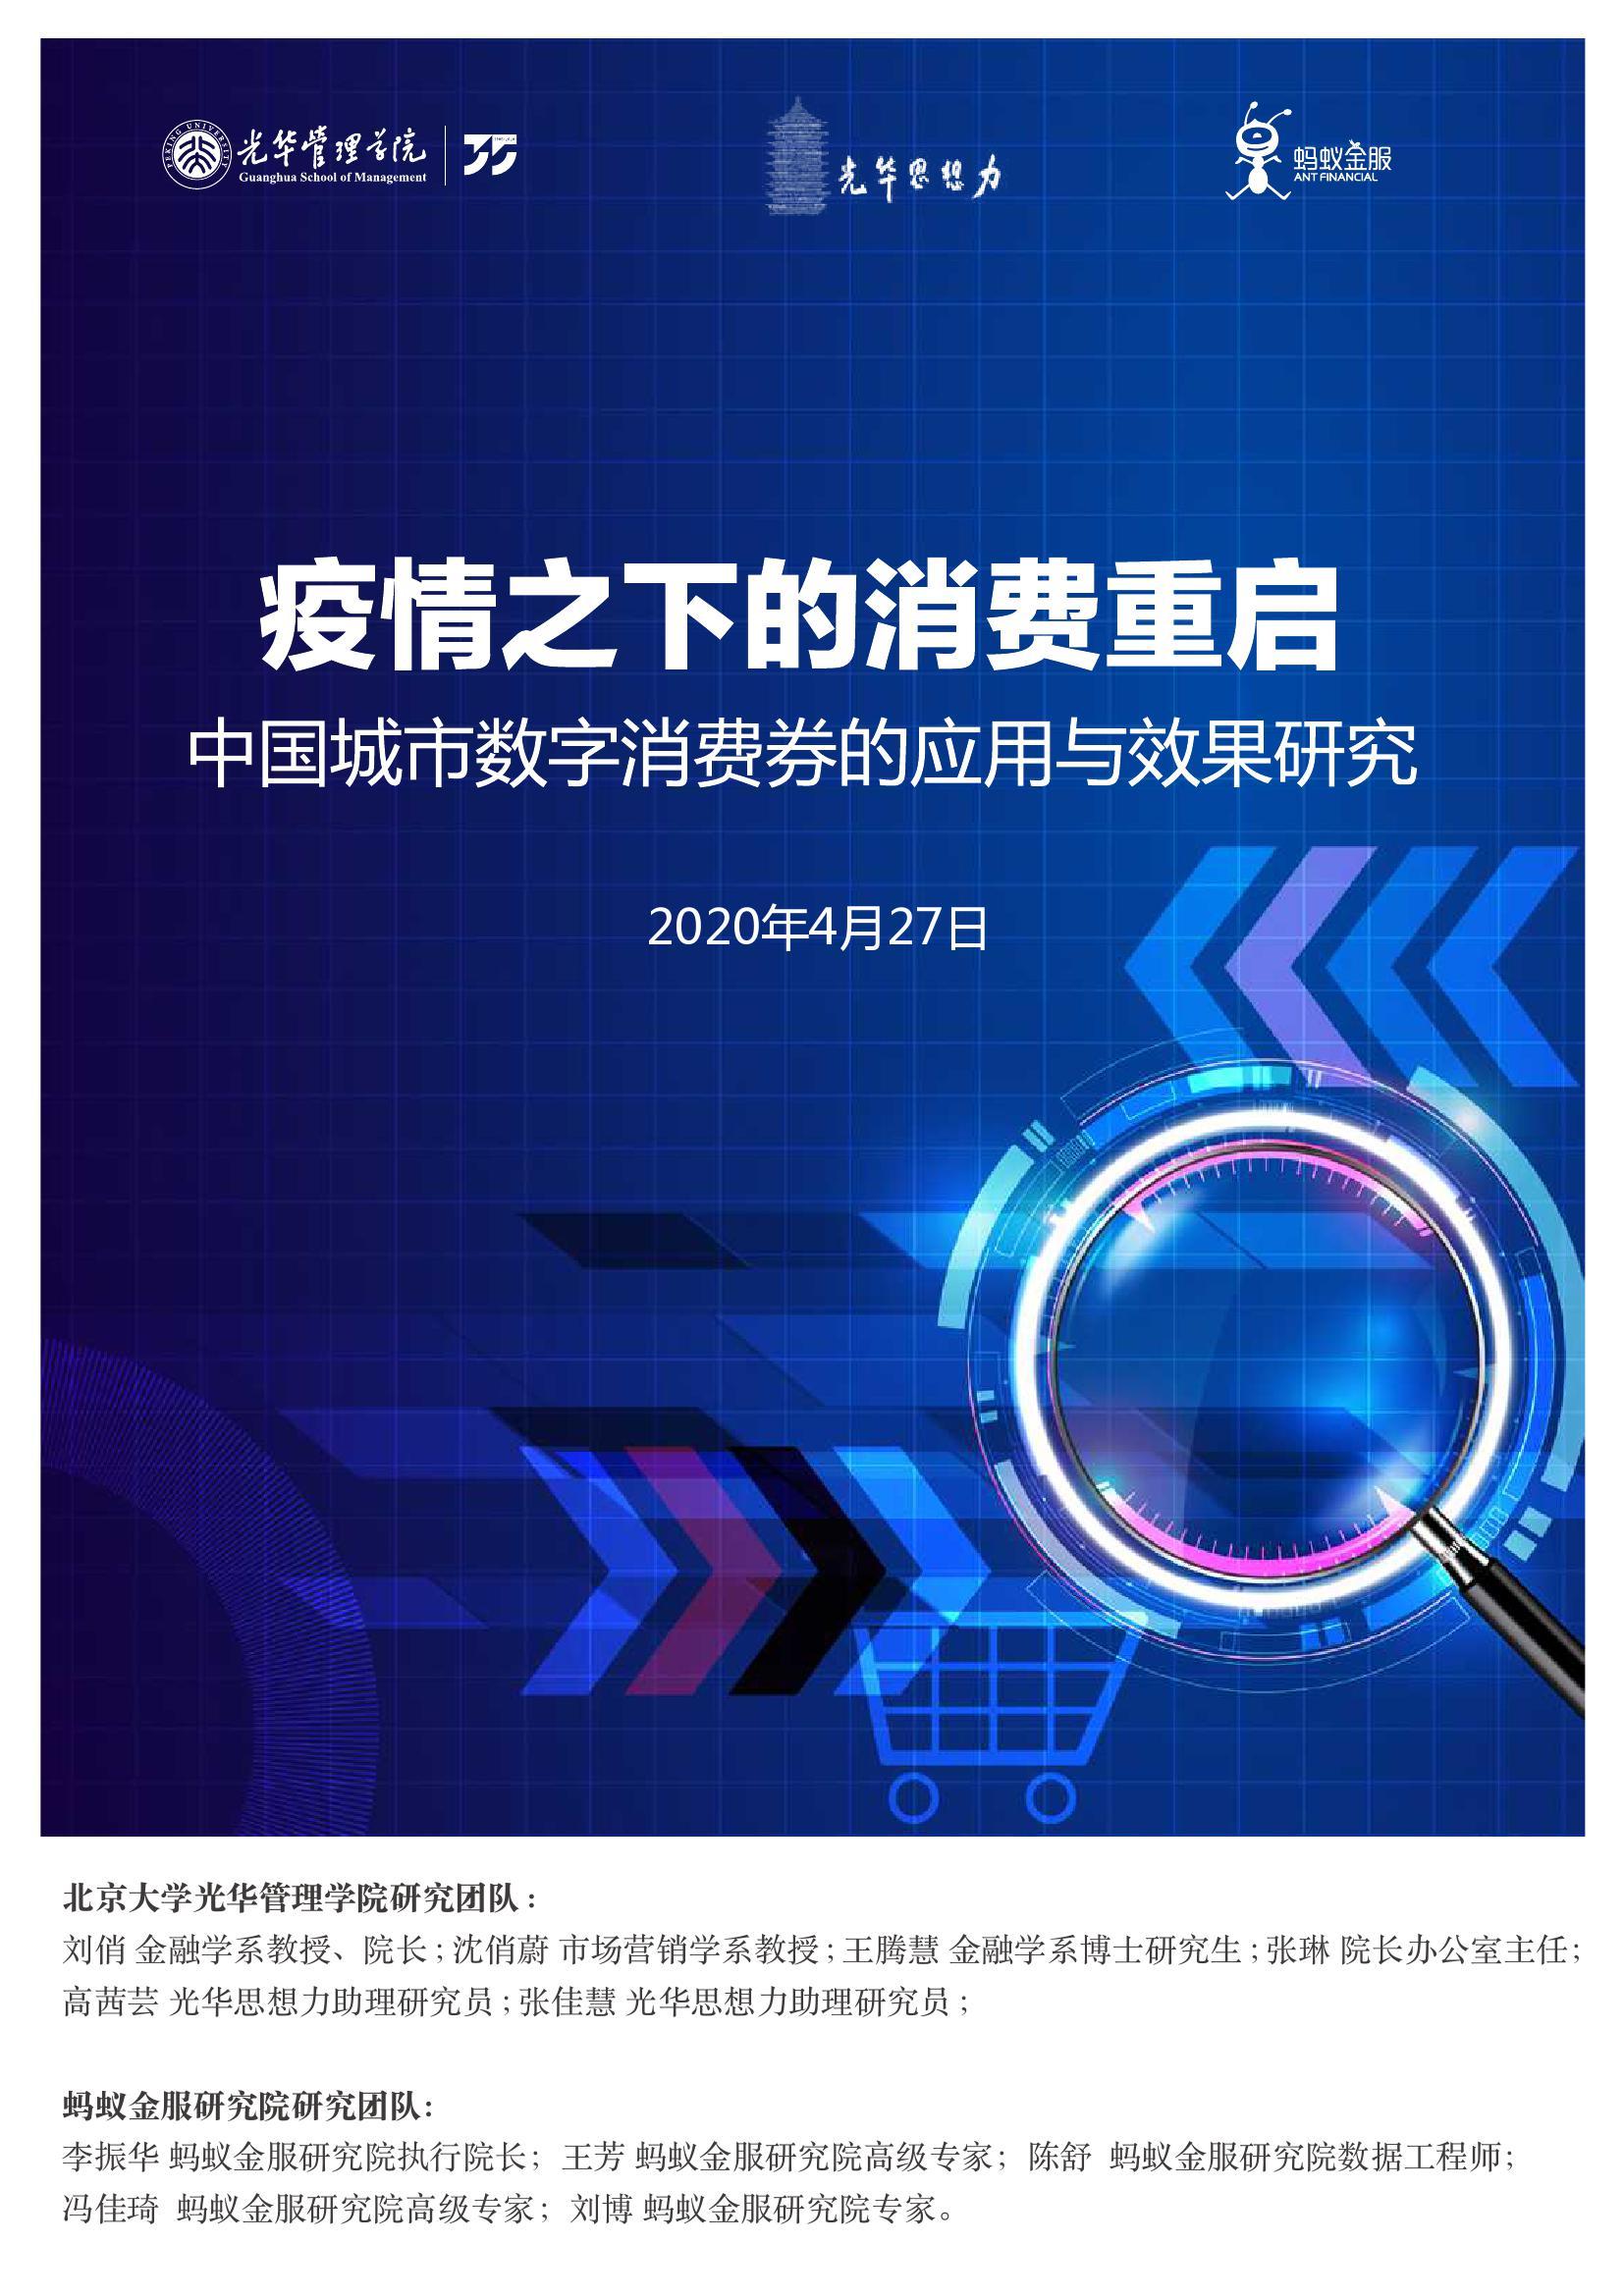 光华管理学院:中国城市数字消费券的应用与效果研究